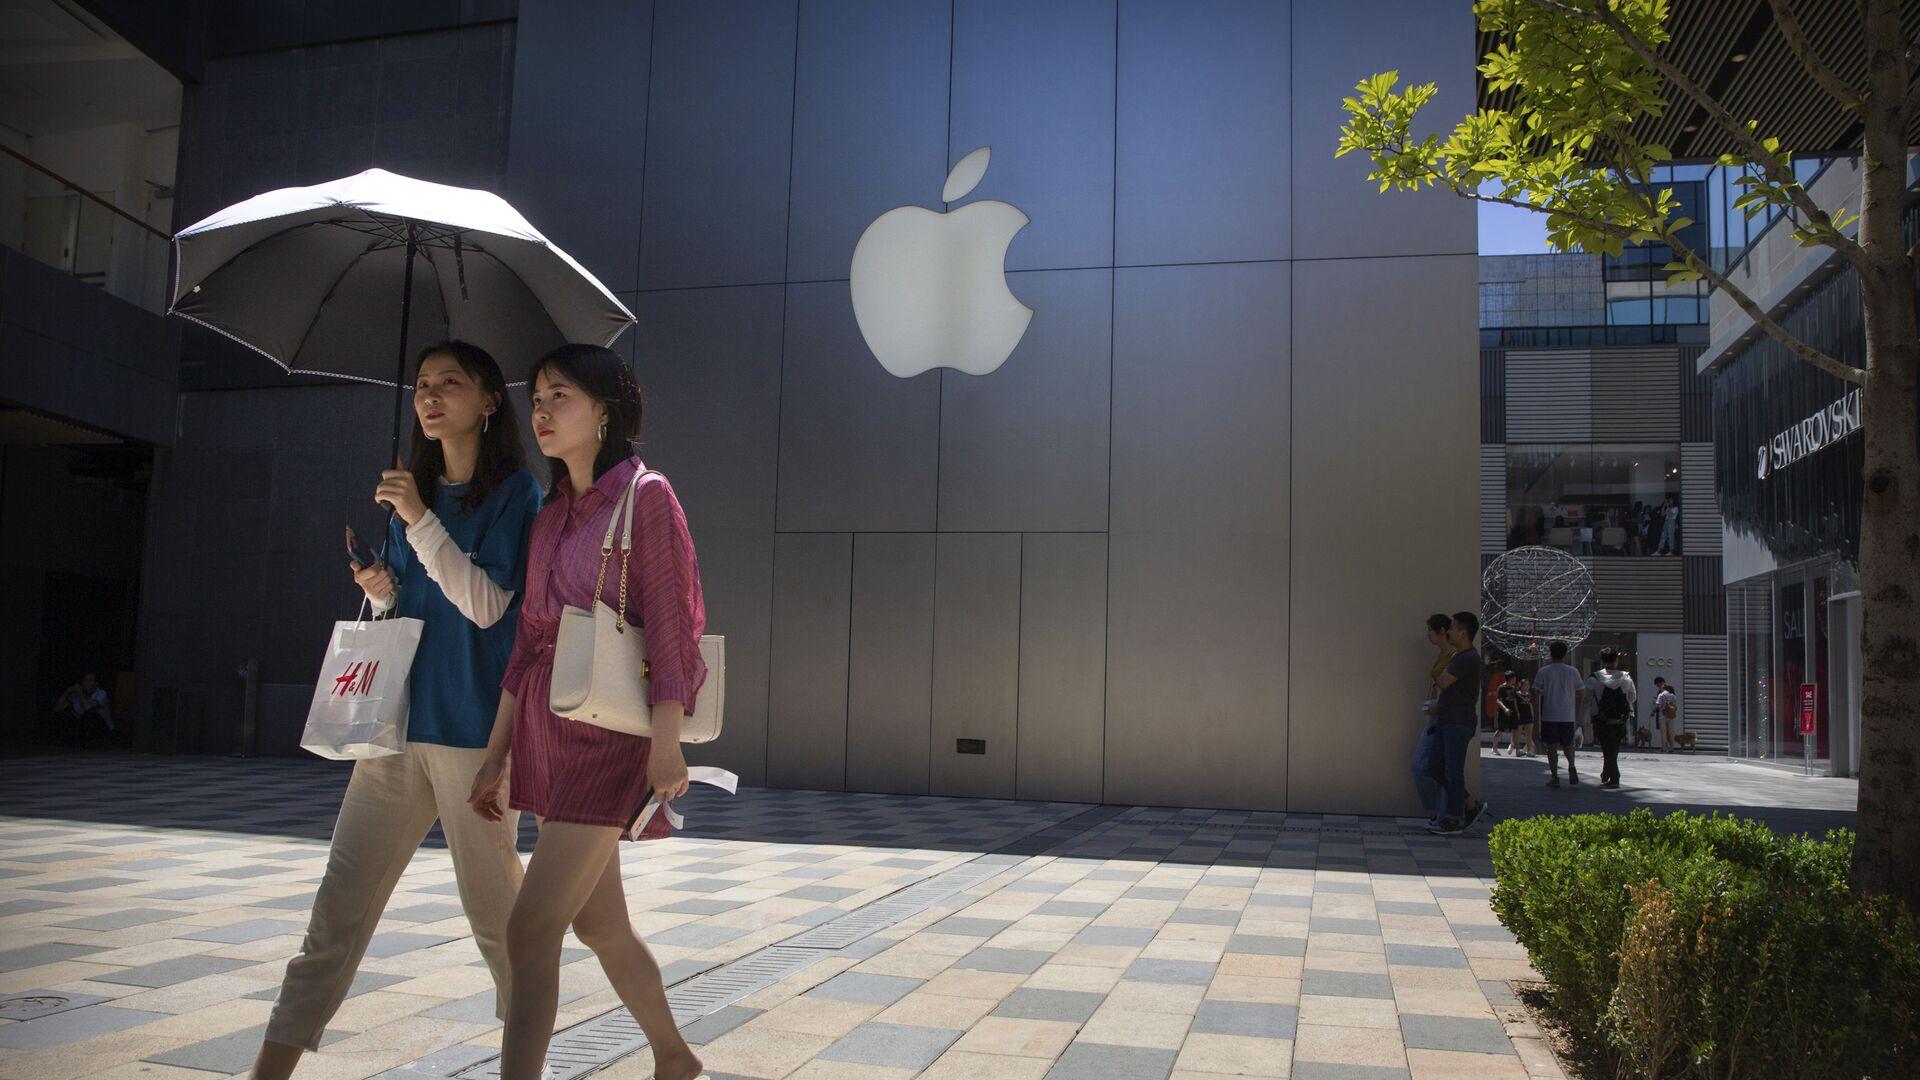 Dziewczyny przechodzą obok sklepu Apple w jednym z centrów handlowych w Pekinie - Sputnik Polska, 1920, 22.09.2021